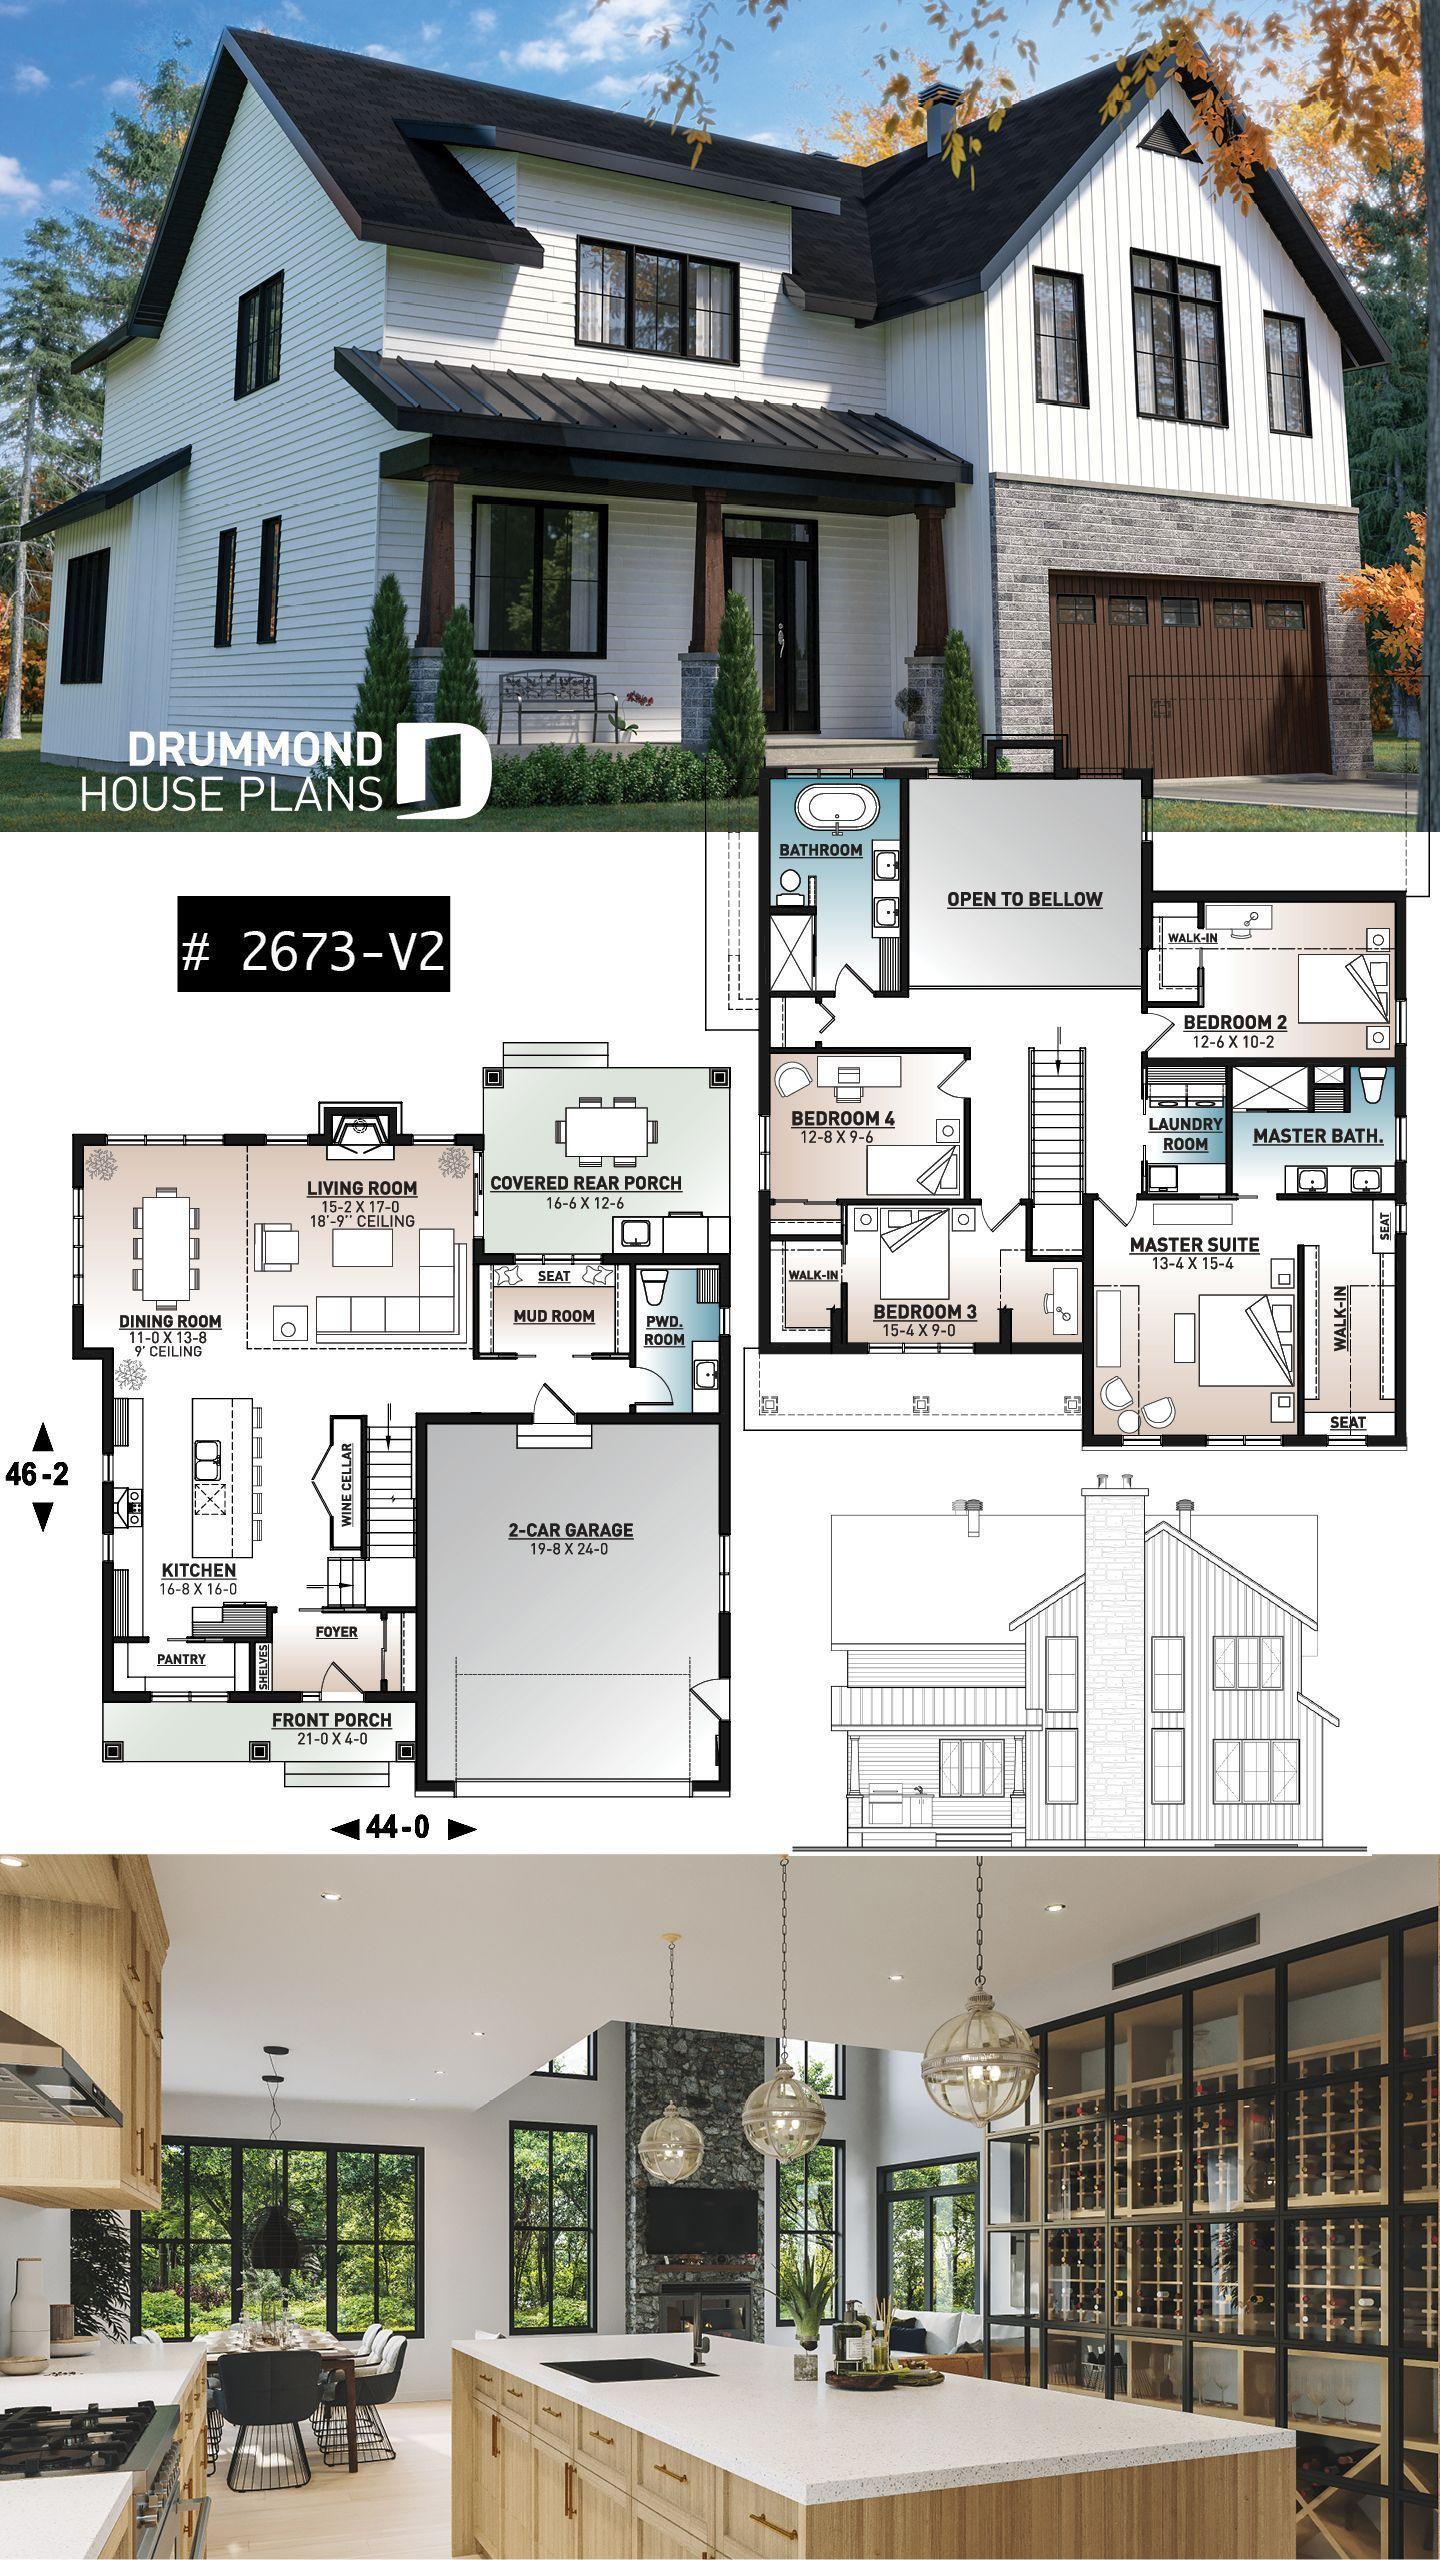 Melhores Dicas De Reforma E Decoracao House Plans Farmhouse House Architecture Design Sims House Design